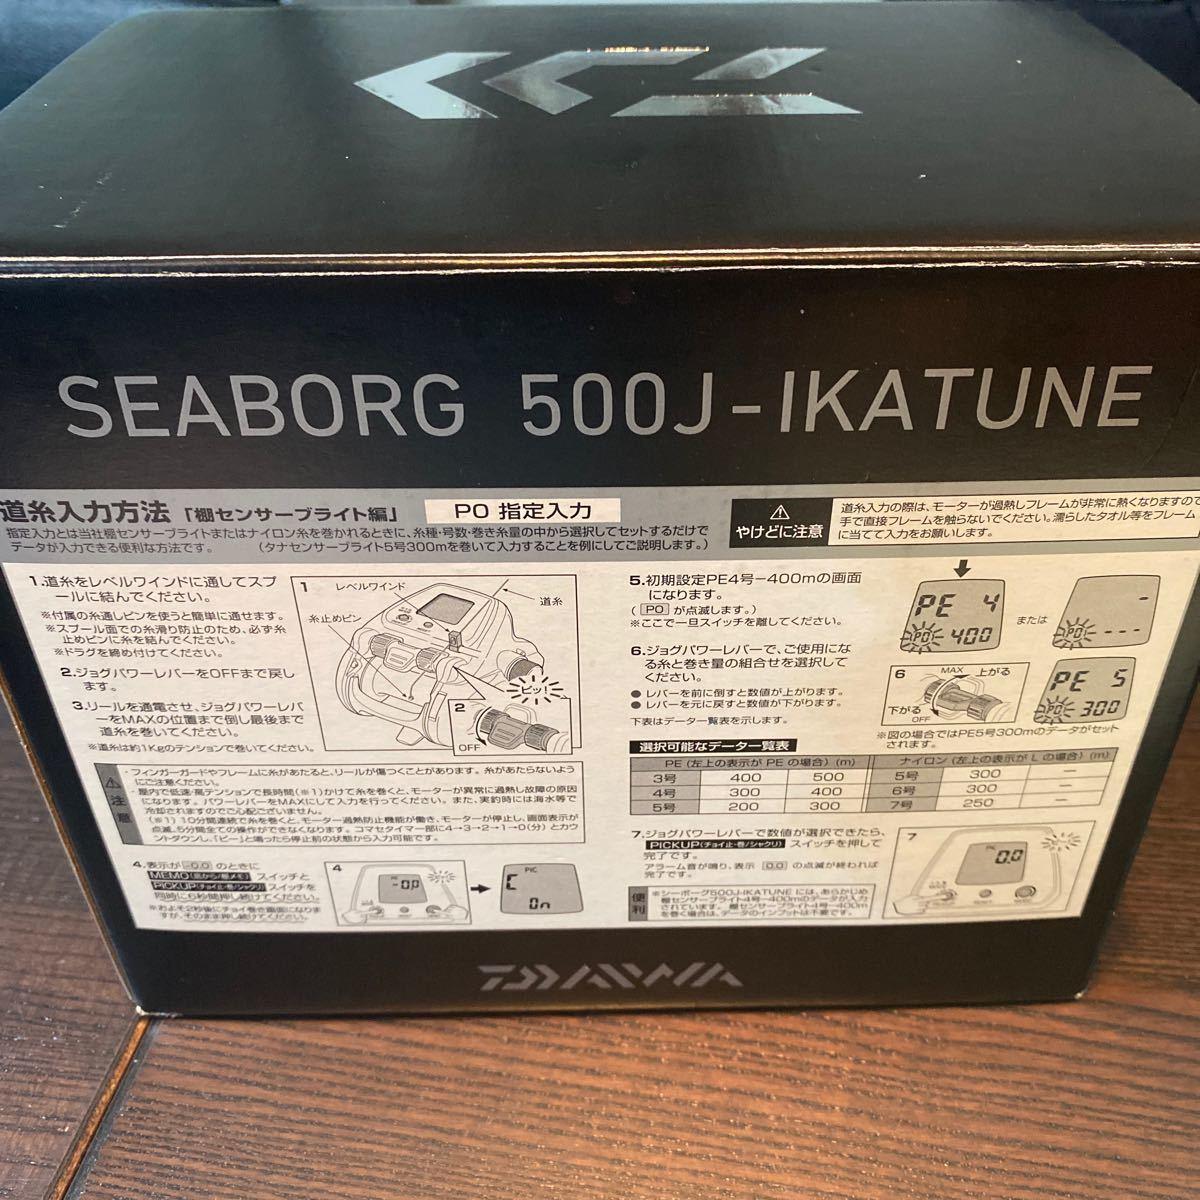 ダイワ シーボーグ 500J-IKATUNE 新品、未使用品。_画像5